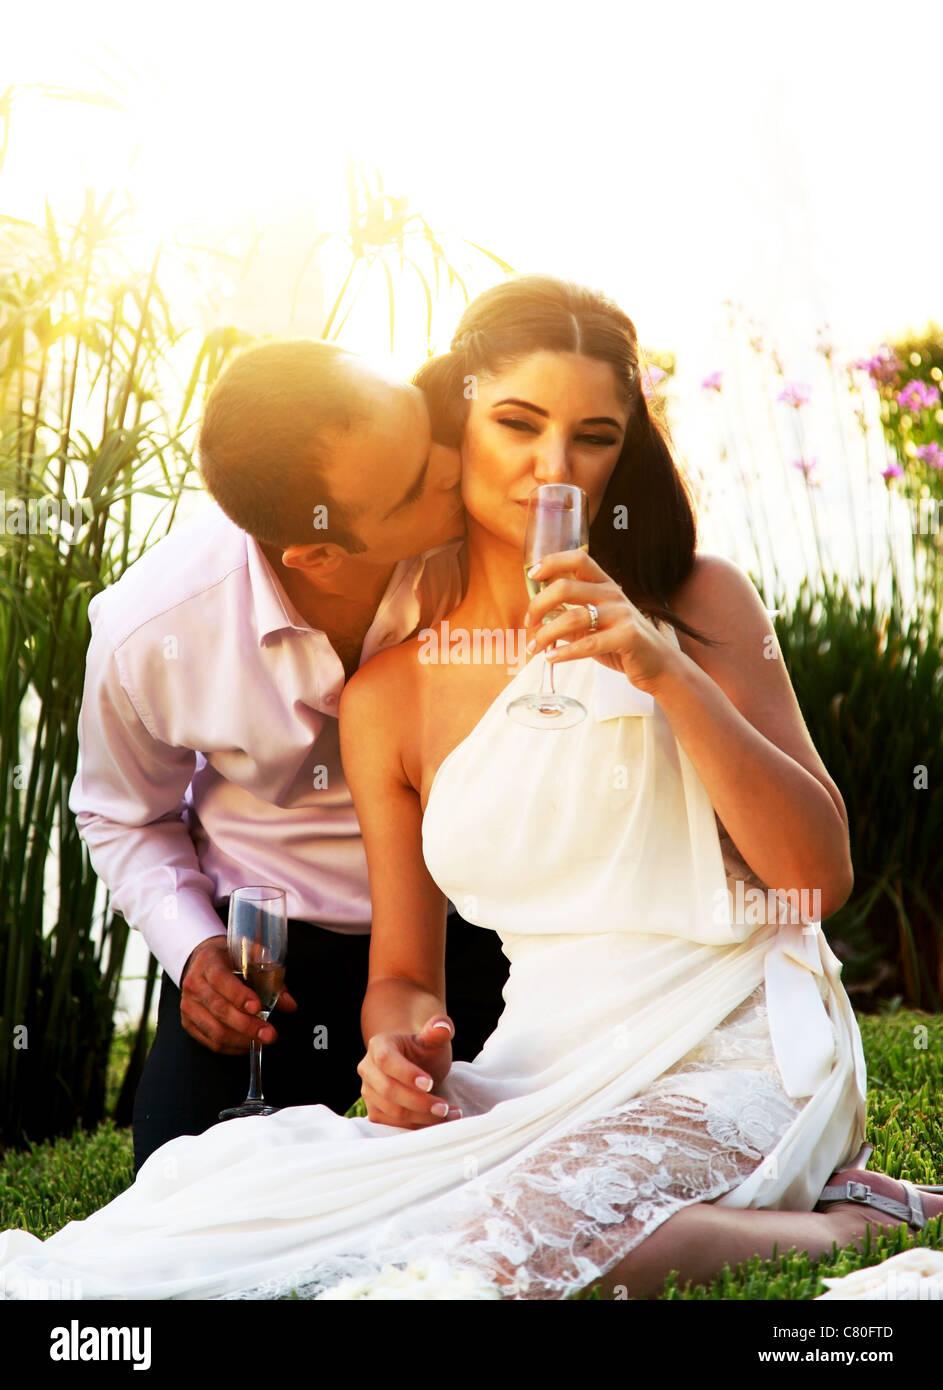 Glückliches junges Paar küssen im Freien, Hochzeitstag Stockbild